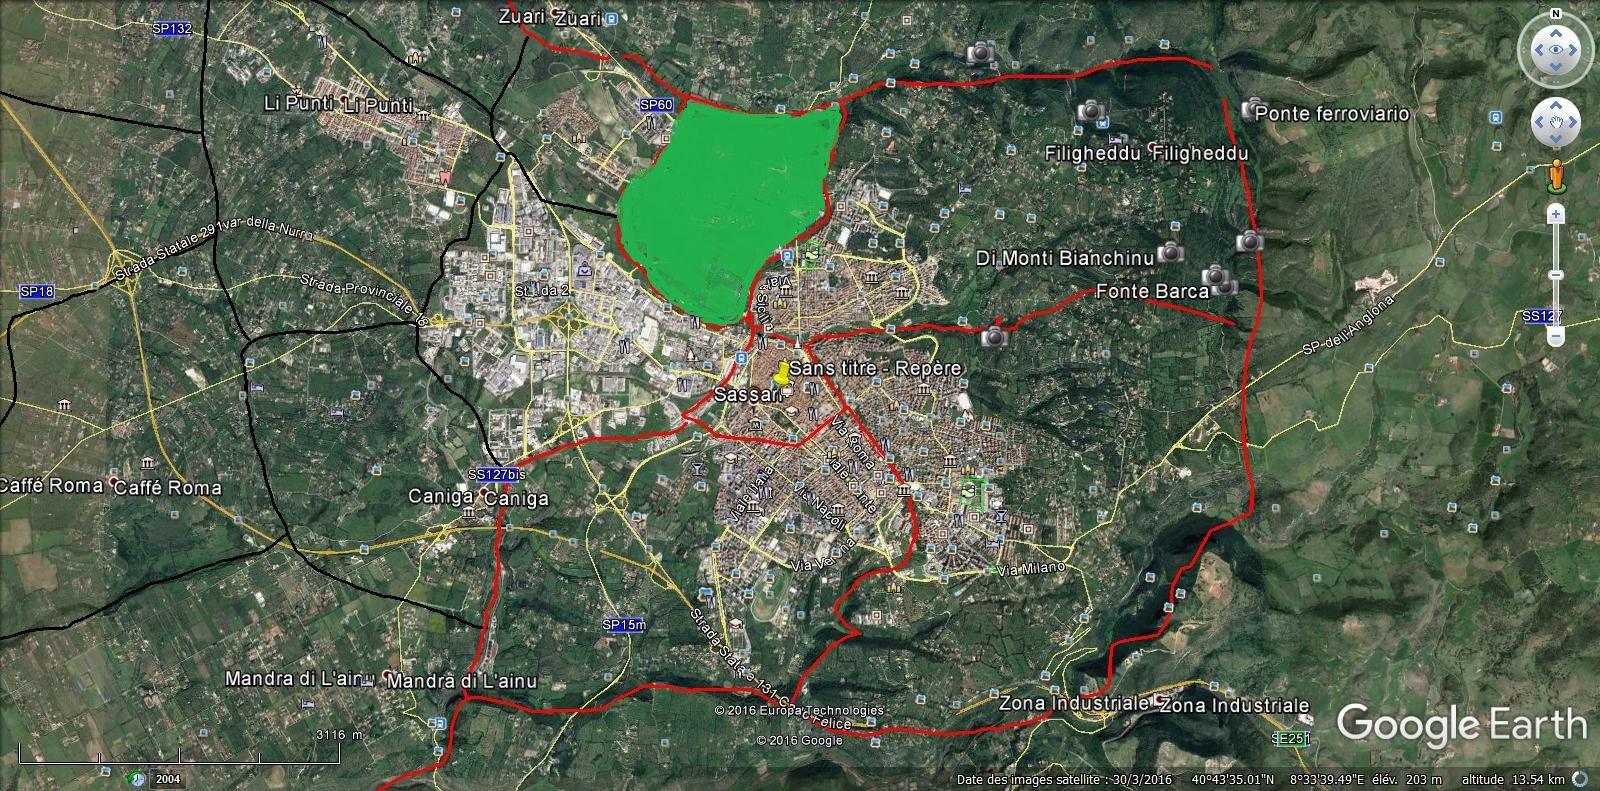 SASSARI-ZONE 5  14.000 hab